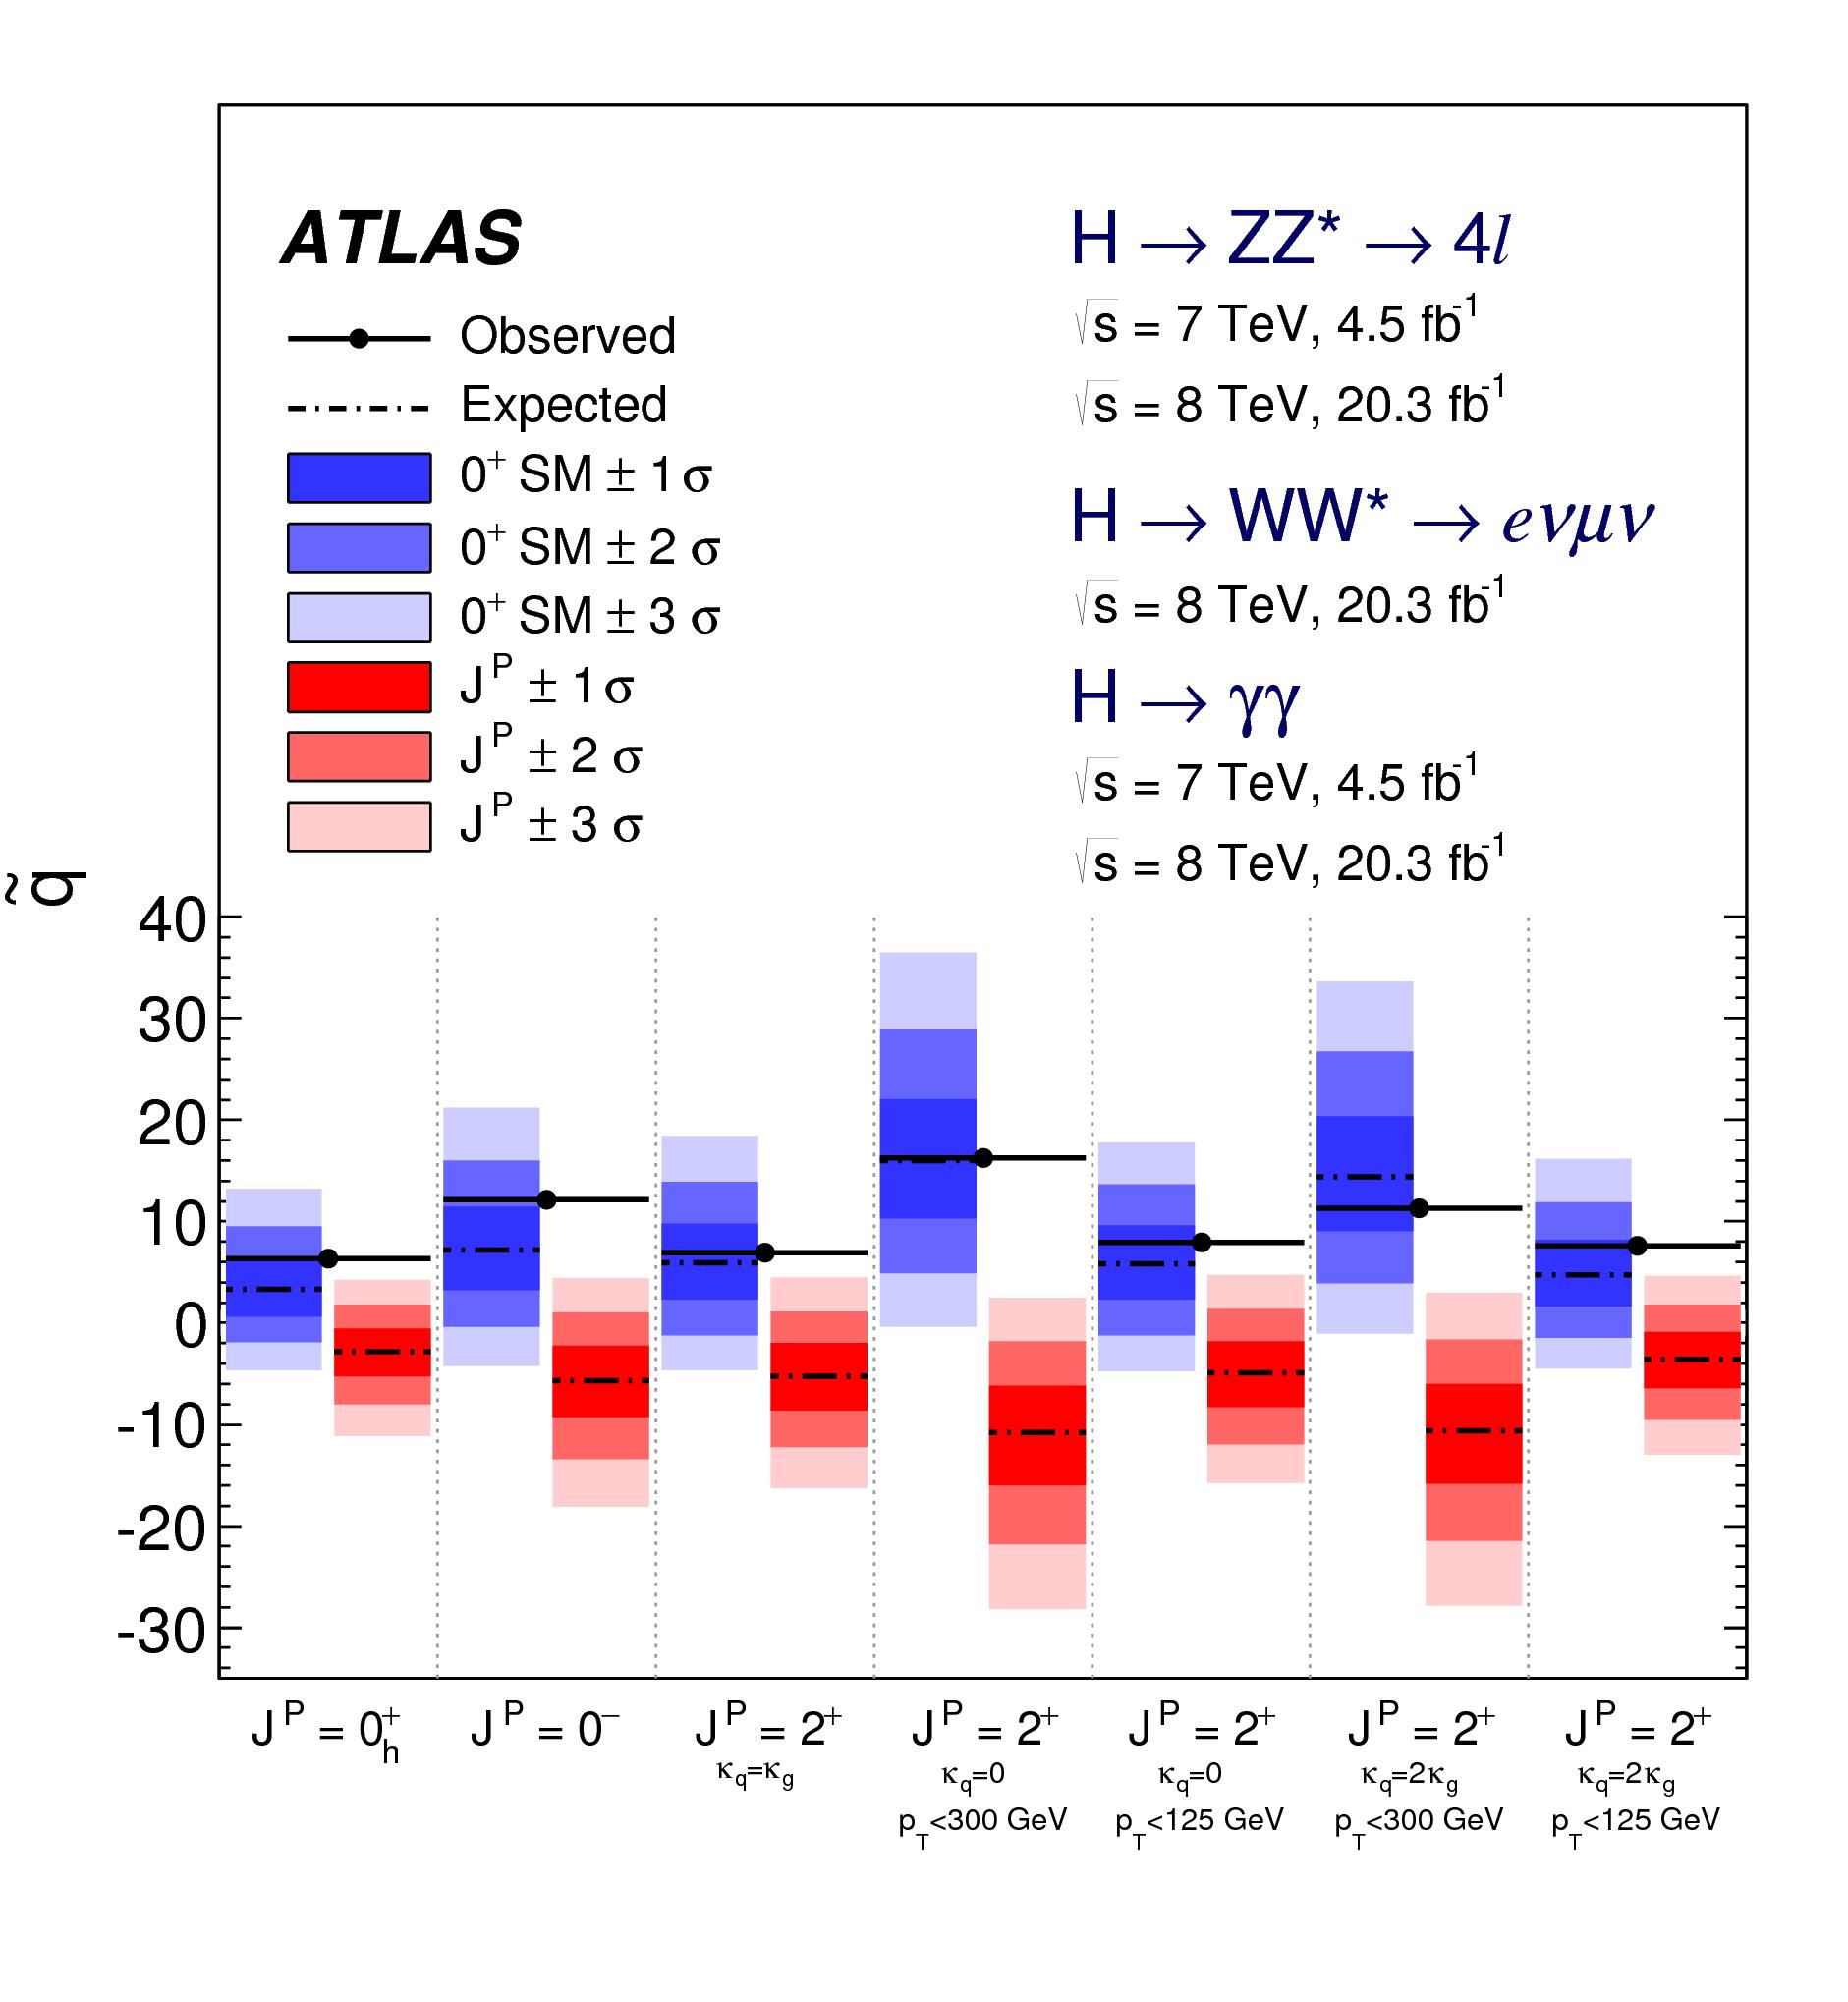 https://atlas.web.cern.ch/Atlas/GROUPS/PHYSICS/CombinedSummaryPlots/HIGGS/ATLAS_HIGGS2100_SpinCP_Summary/ATLAS_HIGGS2100_SpinCP_Summary.png